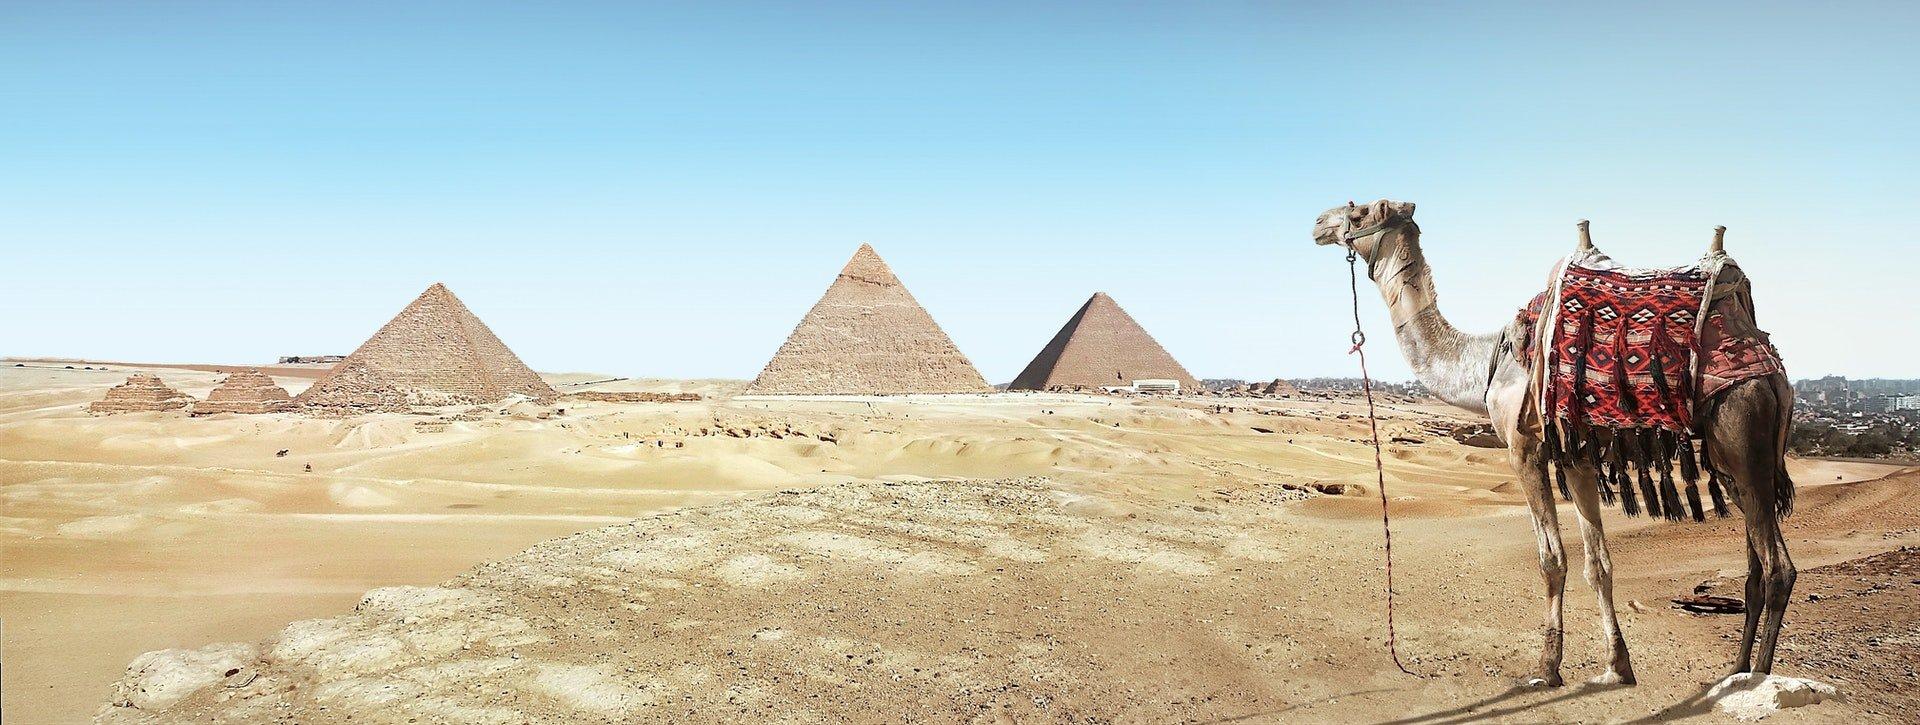 pyramid-camel-egypt